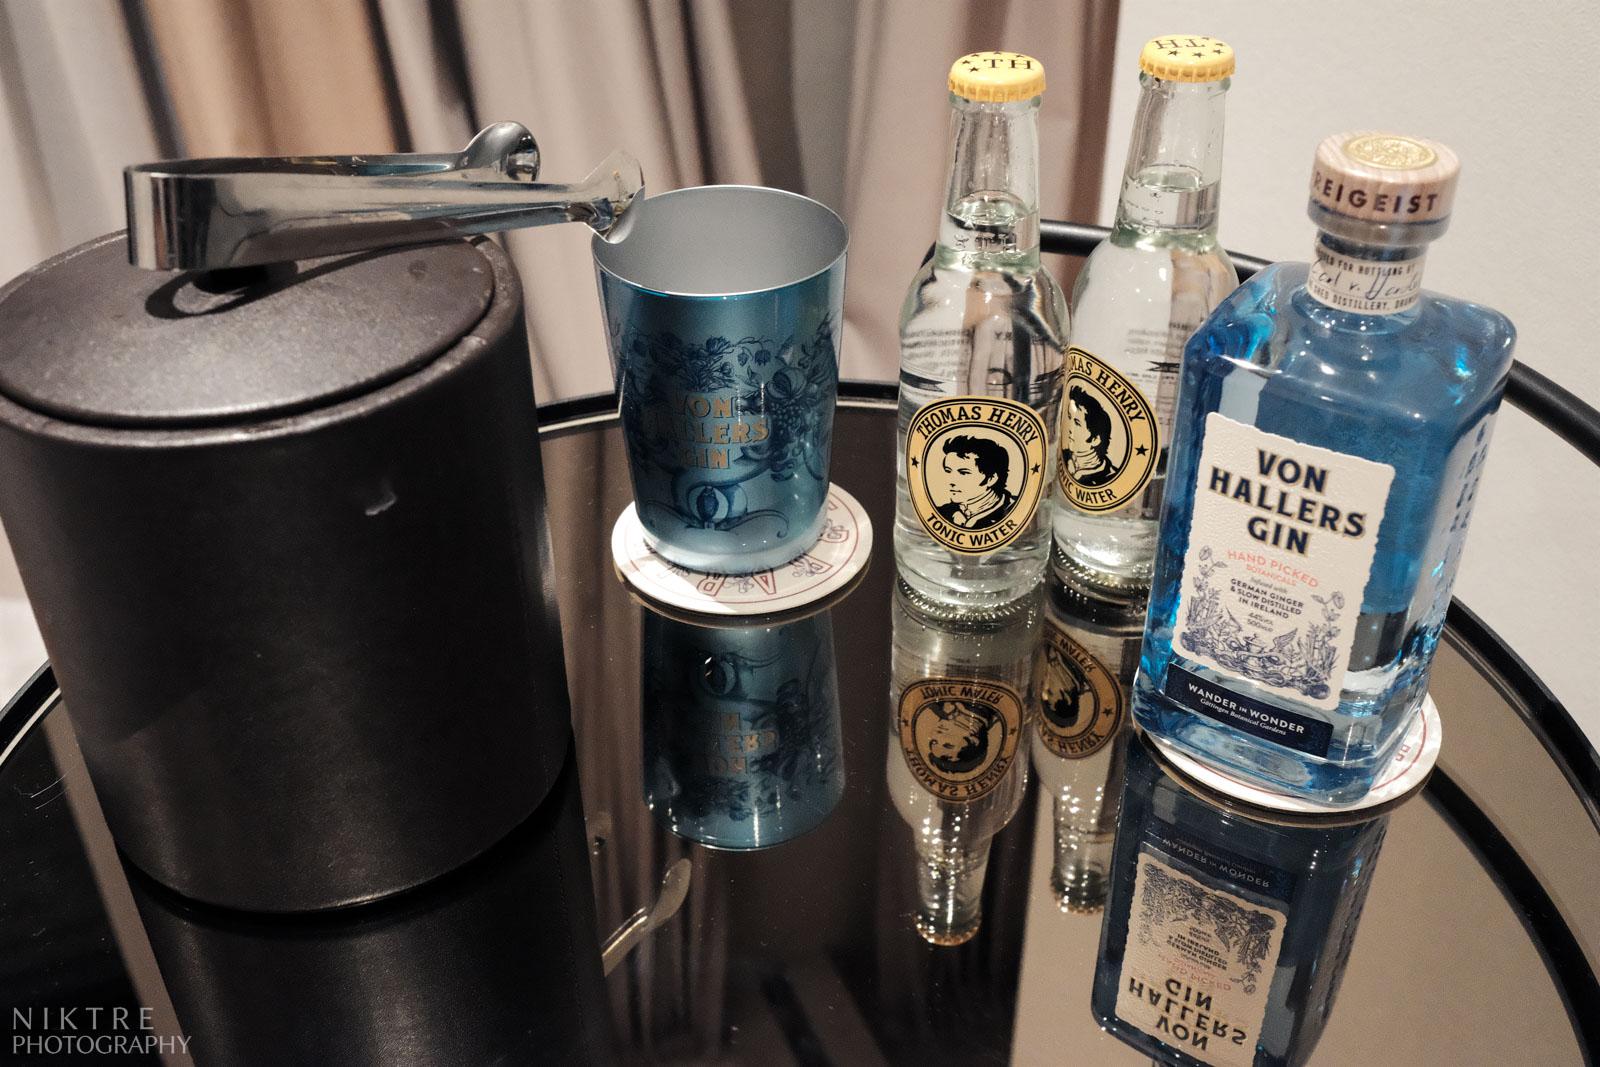 Erfrischungsgetränke beim Getting Ready für den Mann: Gin, Tonic, Eis